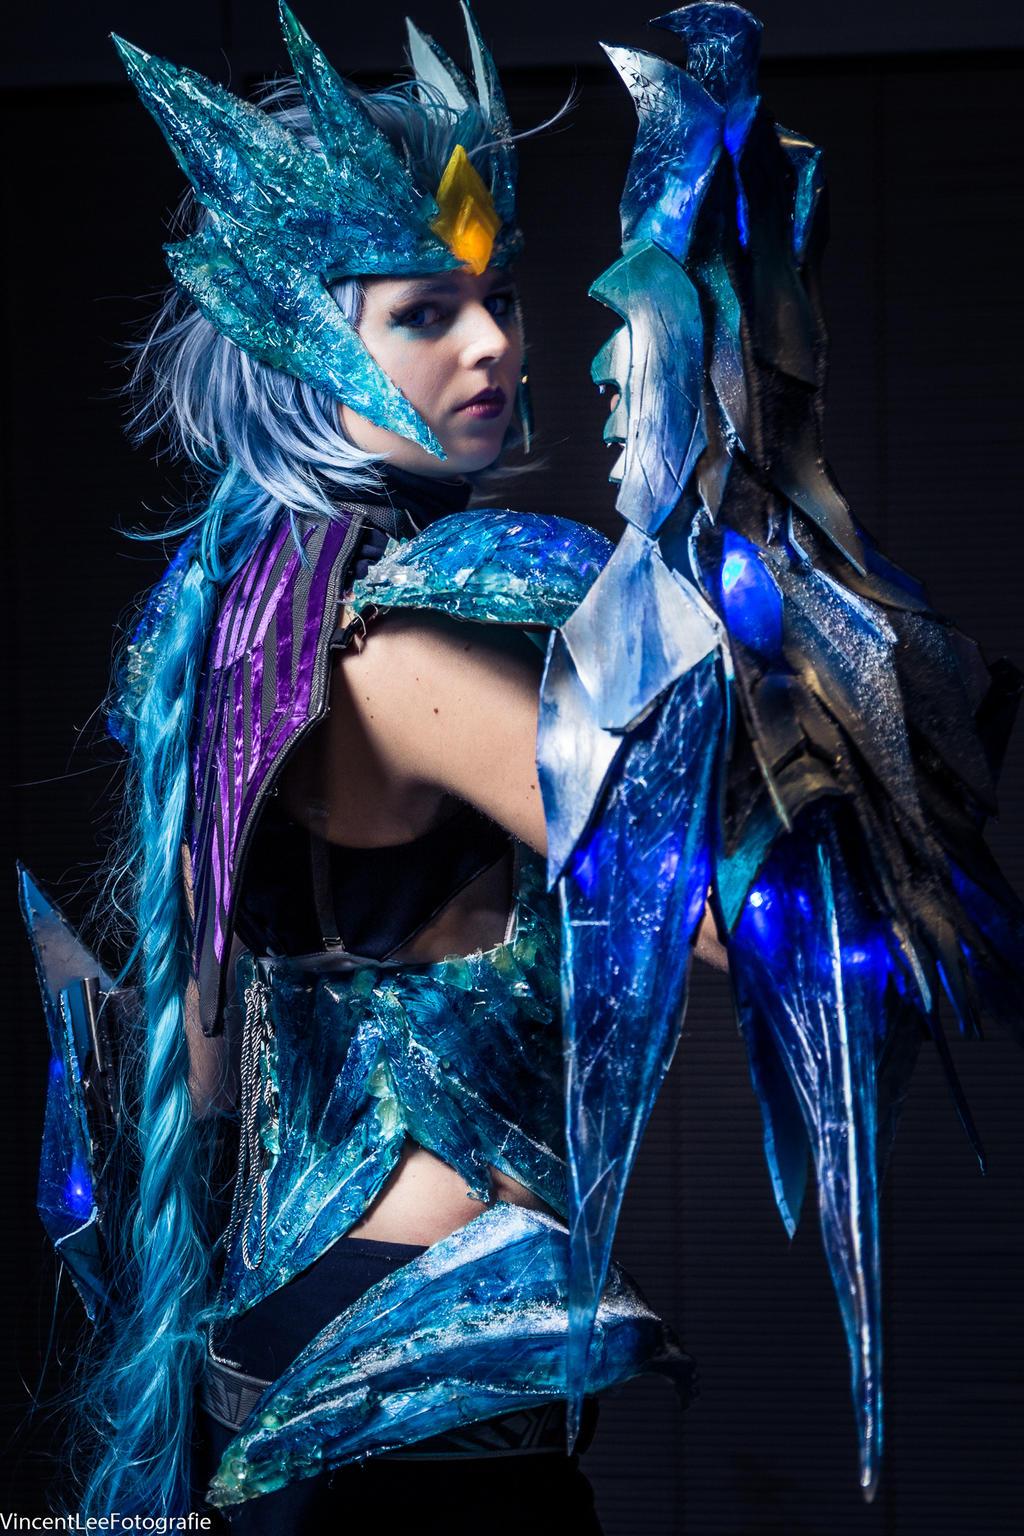 ice drake shyvana cosplay - photo #11